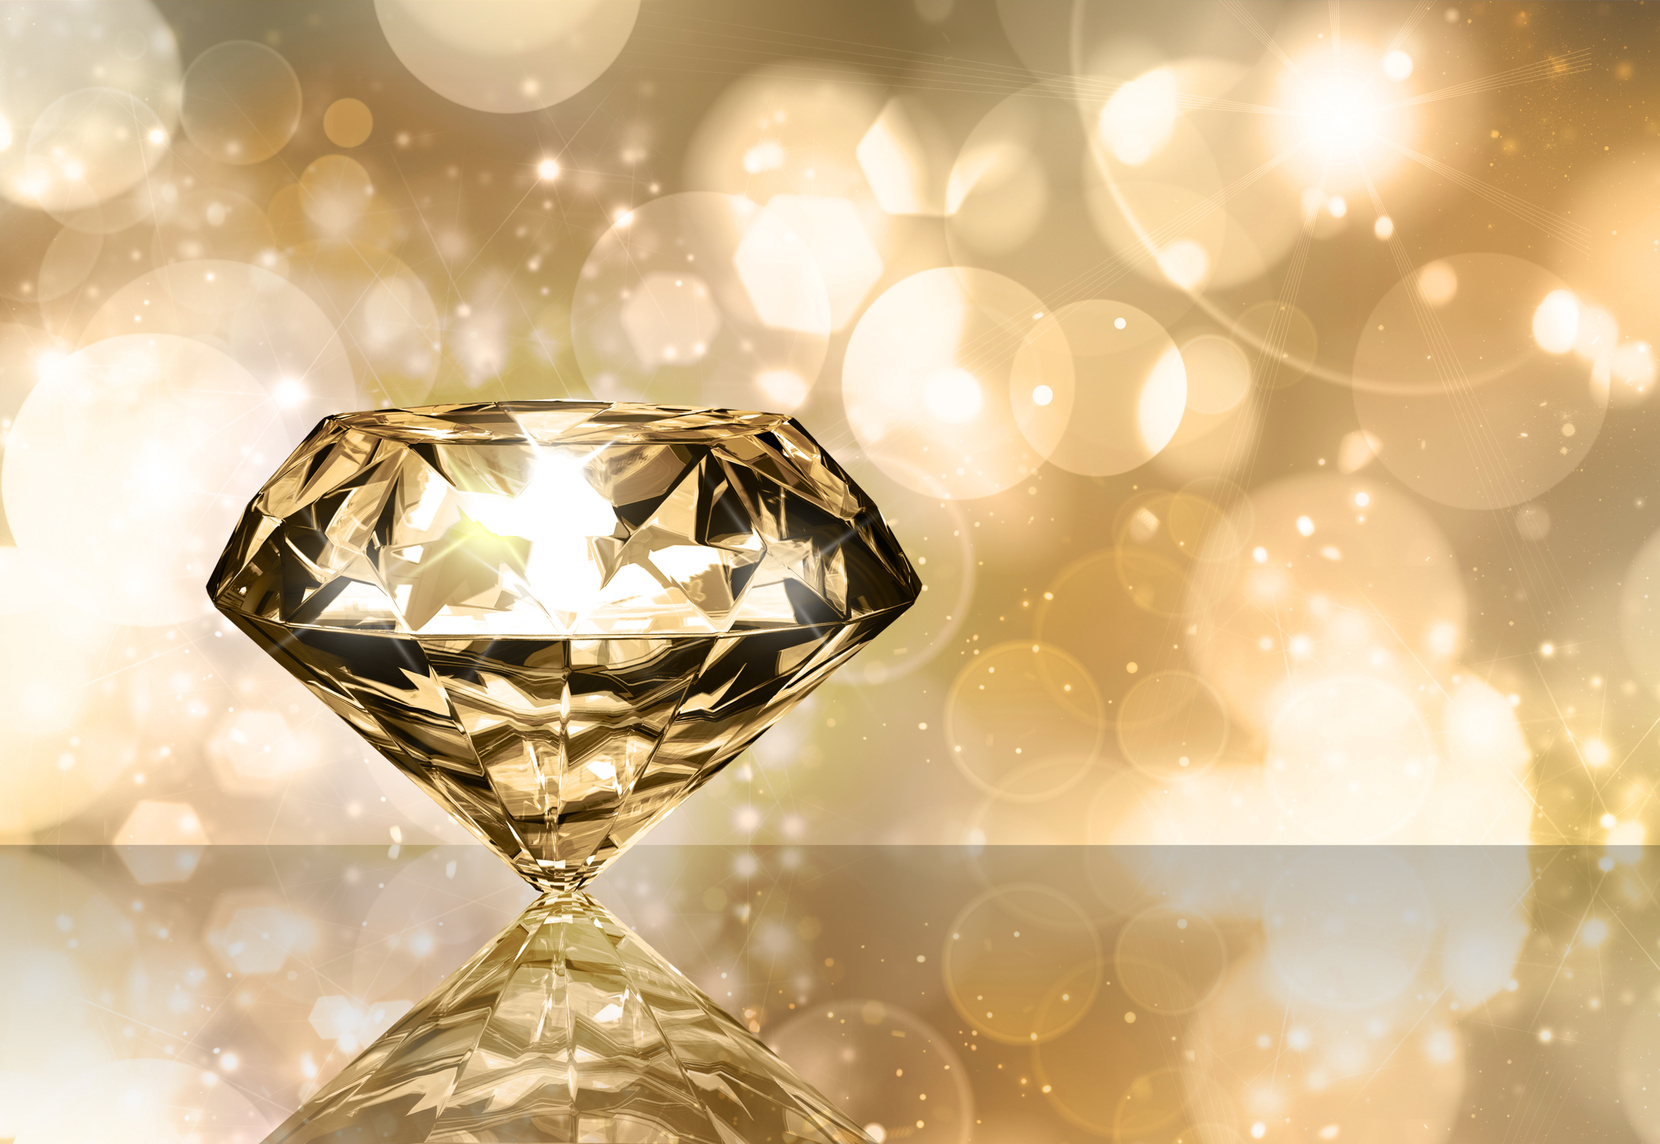 心の中のダイアモンド。